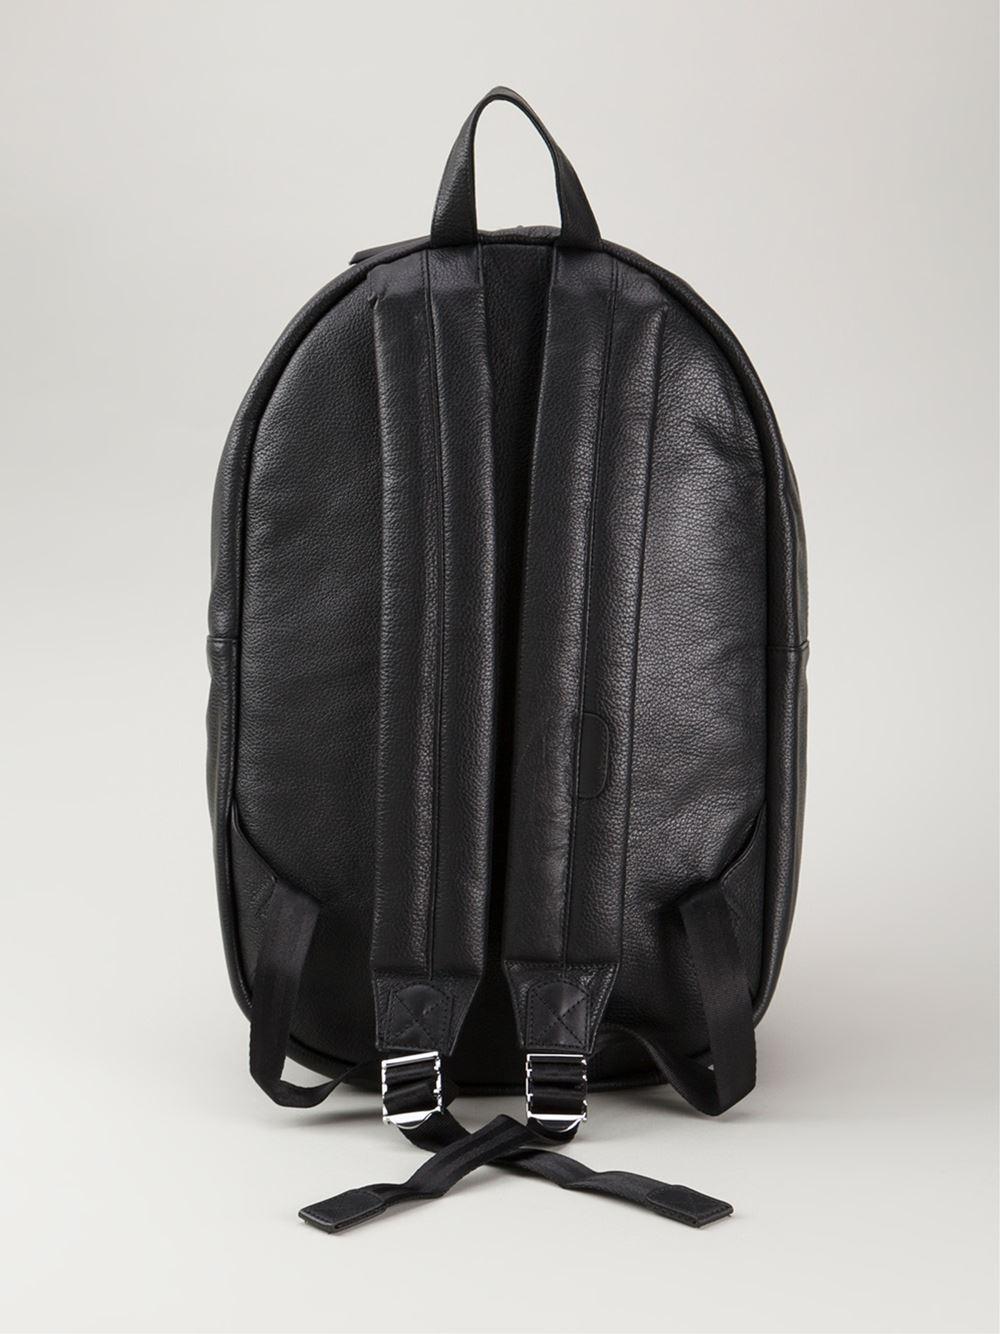 Herschel Supply Co. 'Bad Hills Lawson' Backpack in Black for Men - Lyst